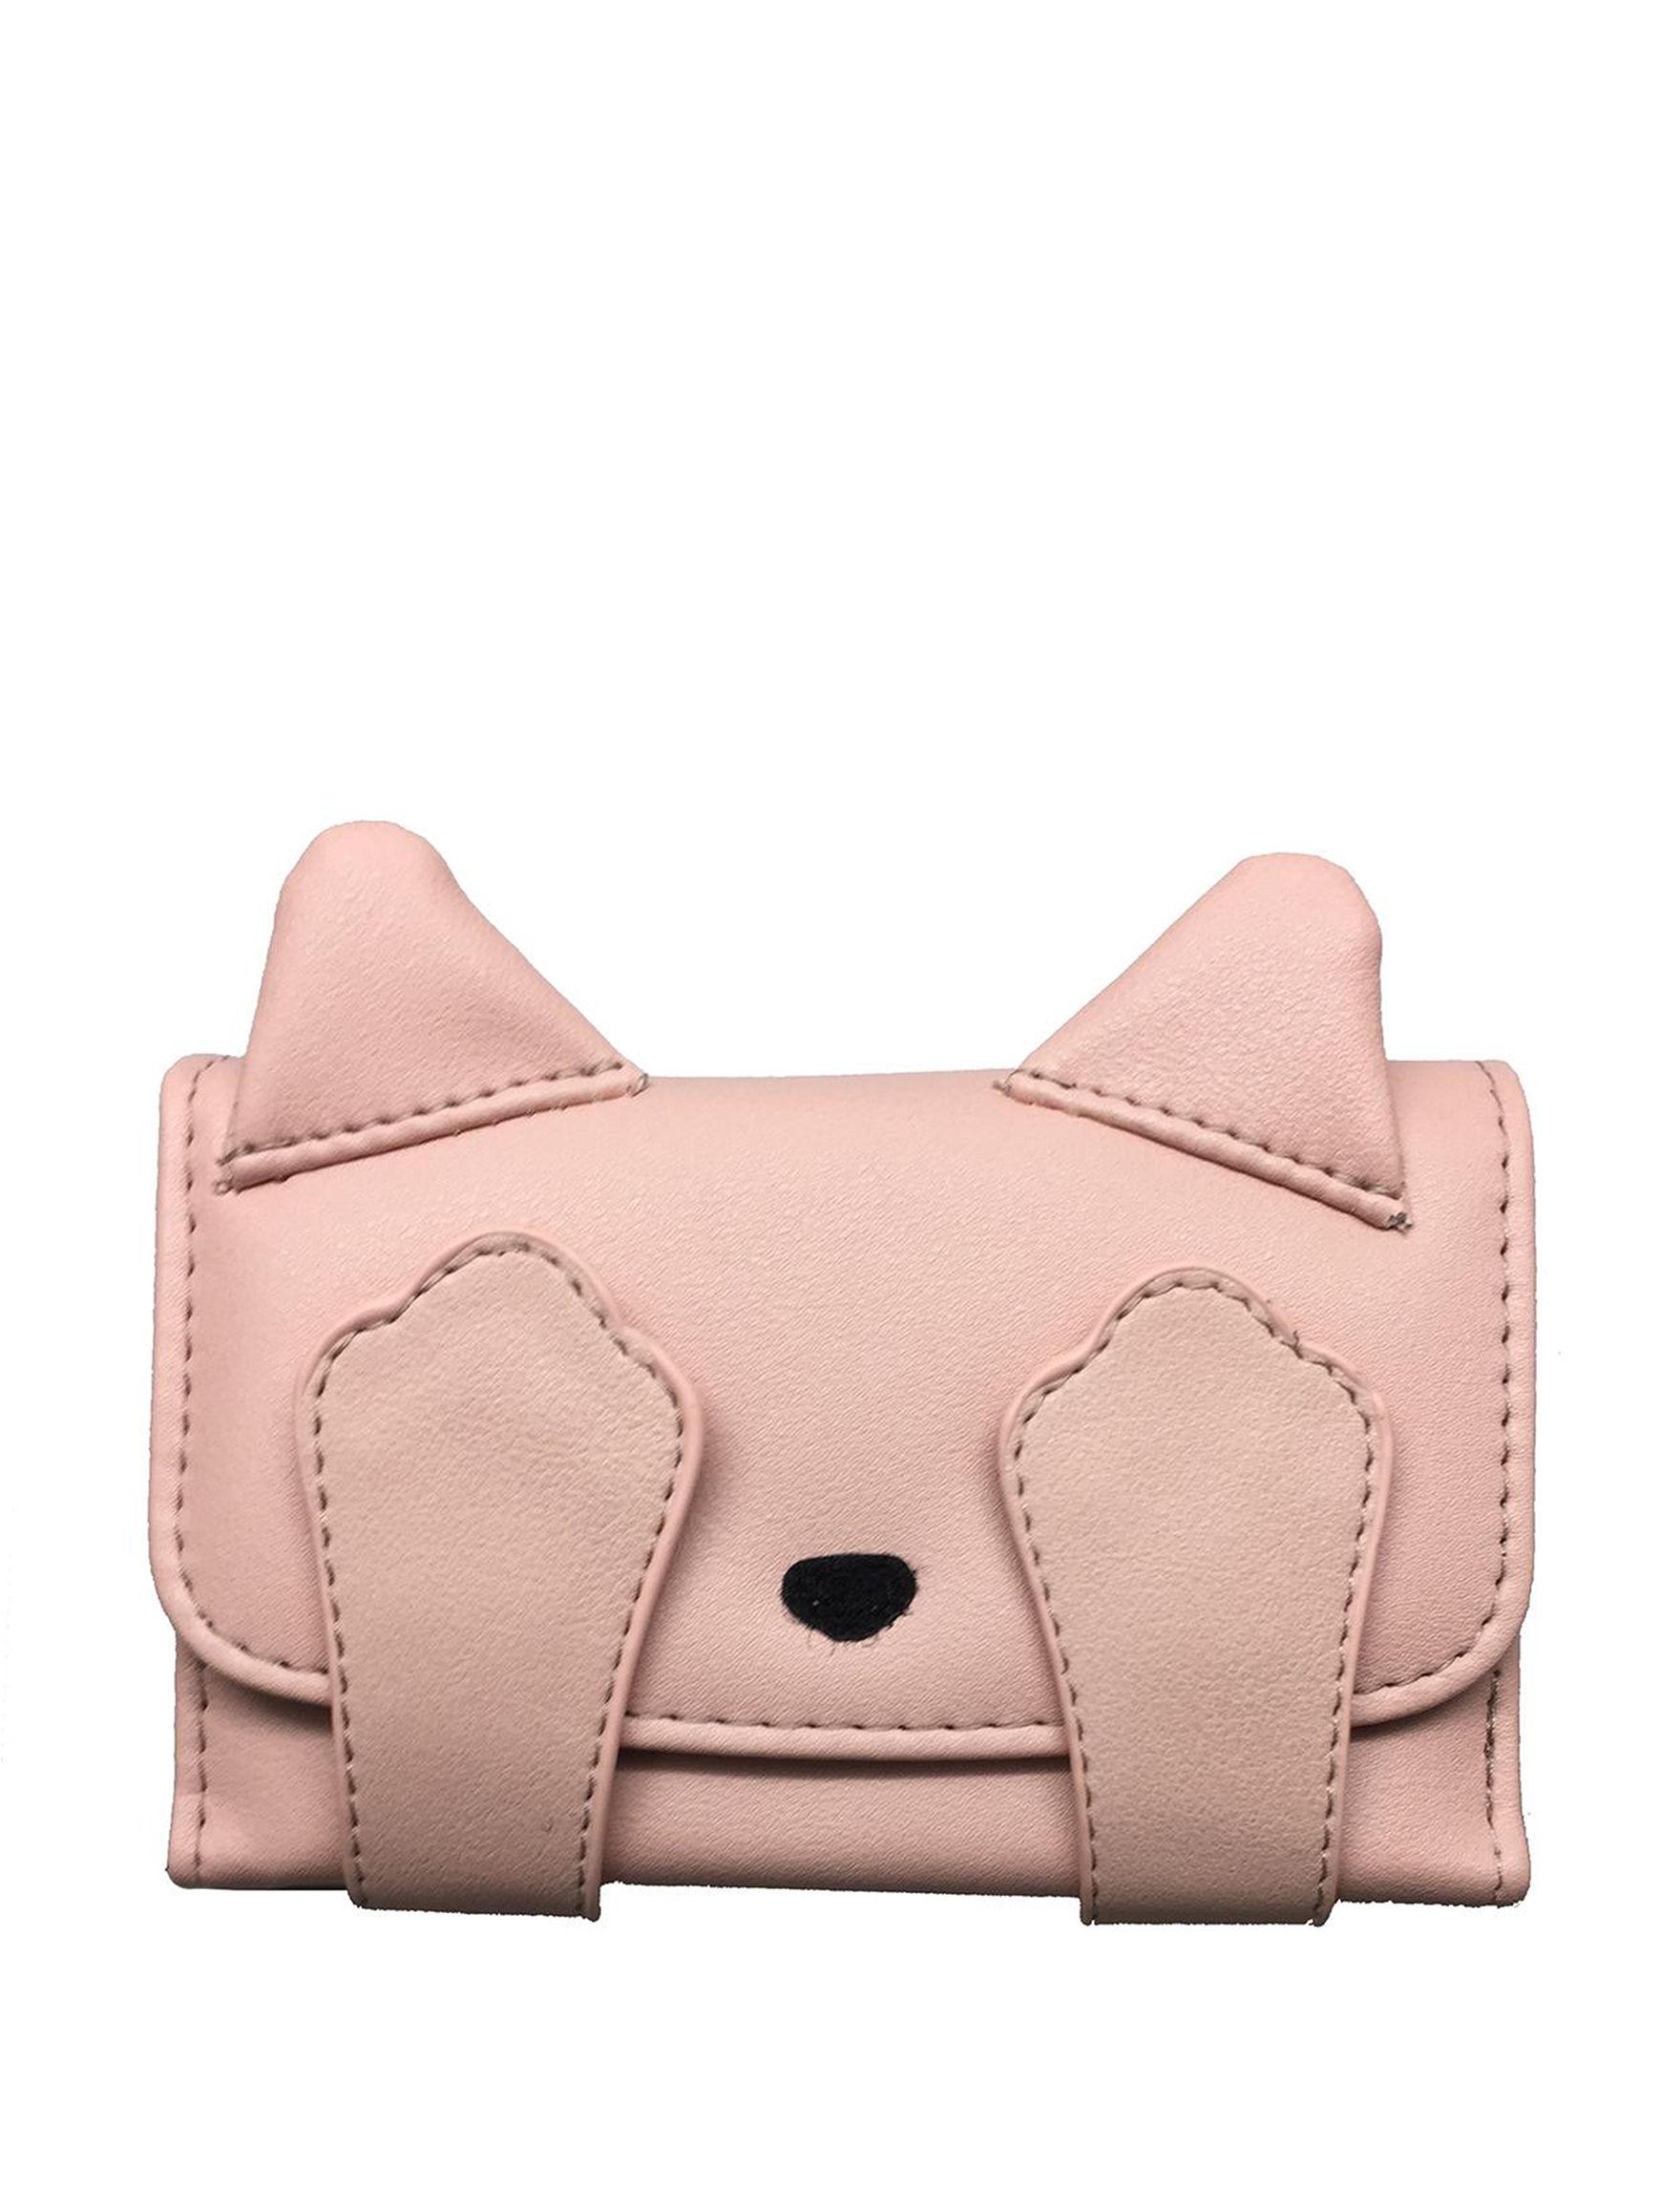 Gina Concepts Pink